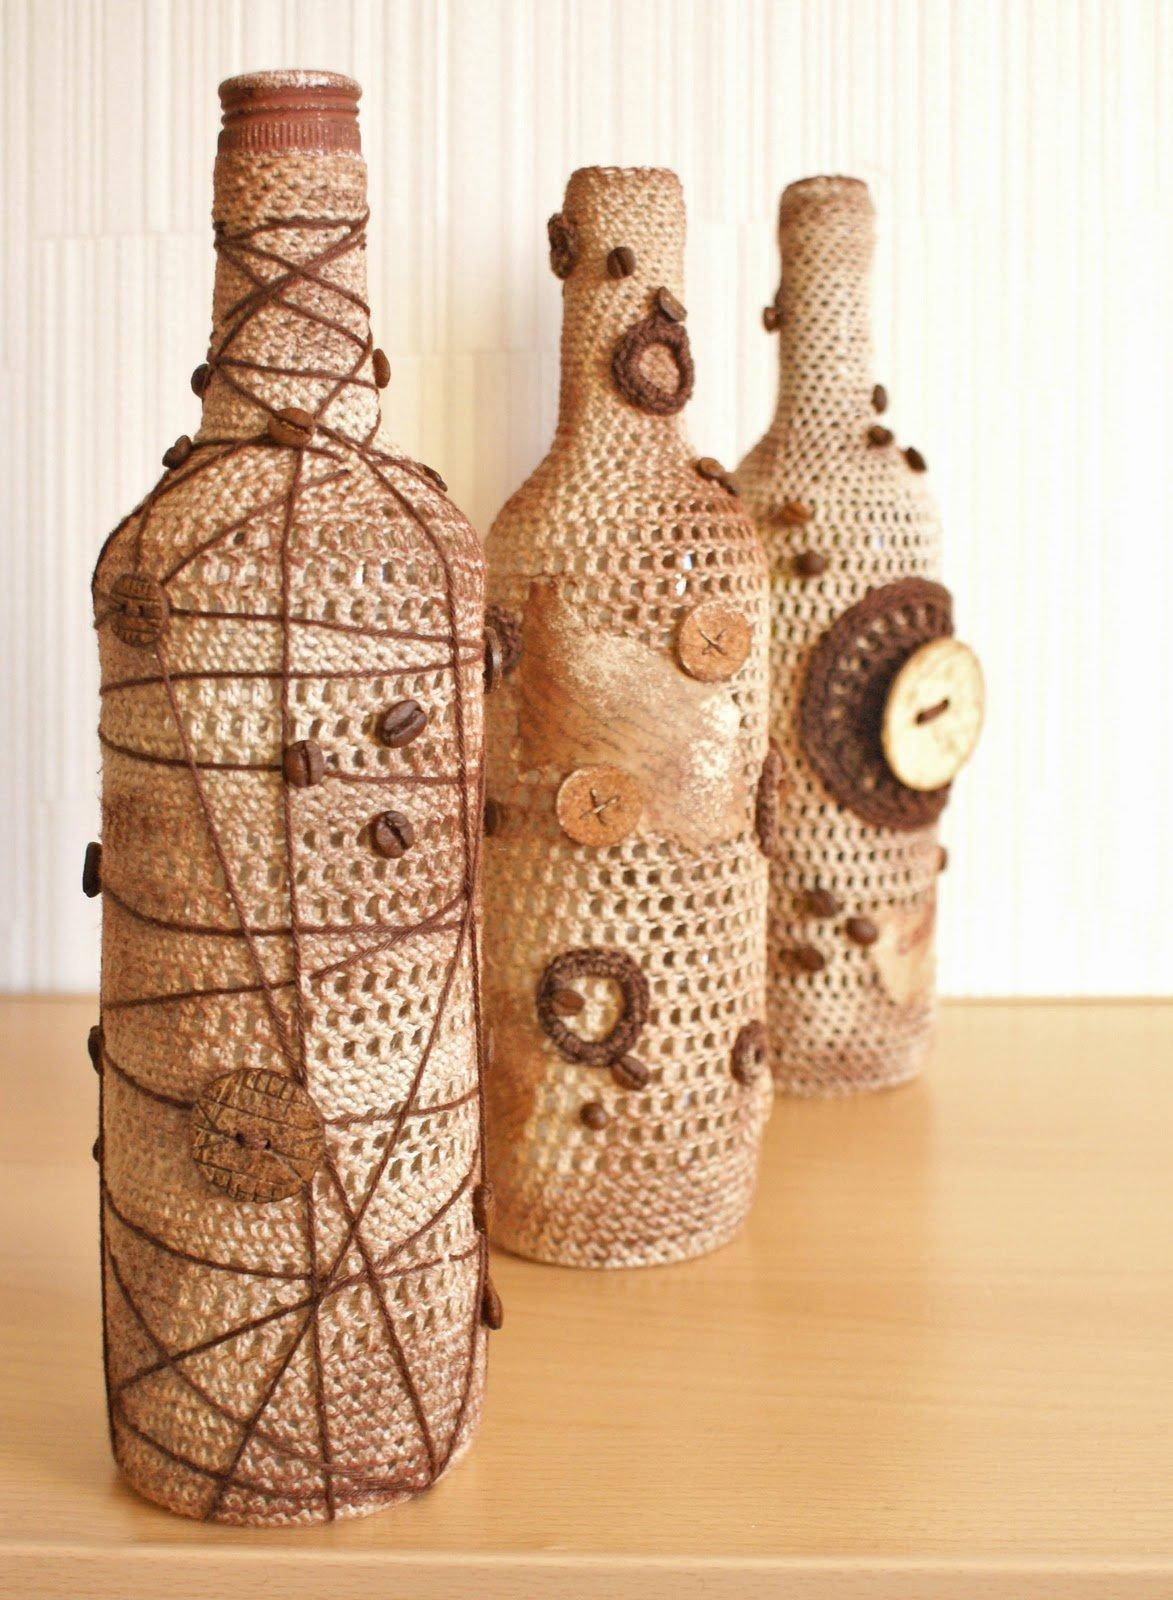 дочка декорирование бутылок своими руками фото идеи познакомился своей